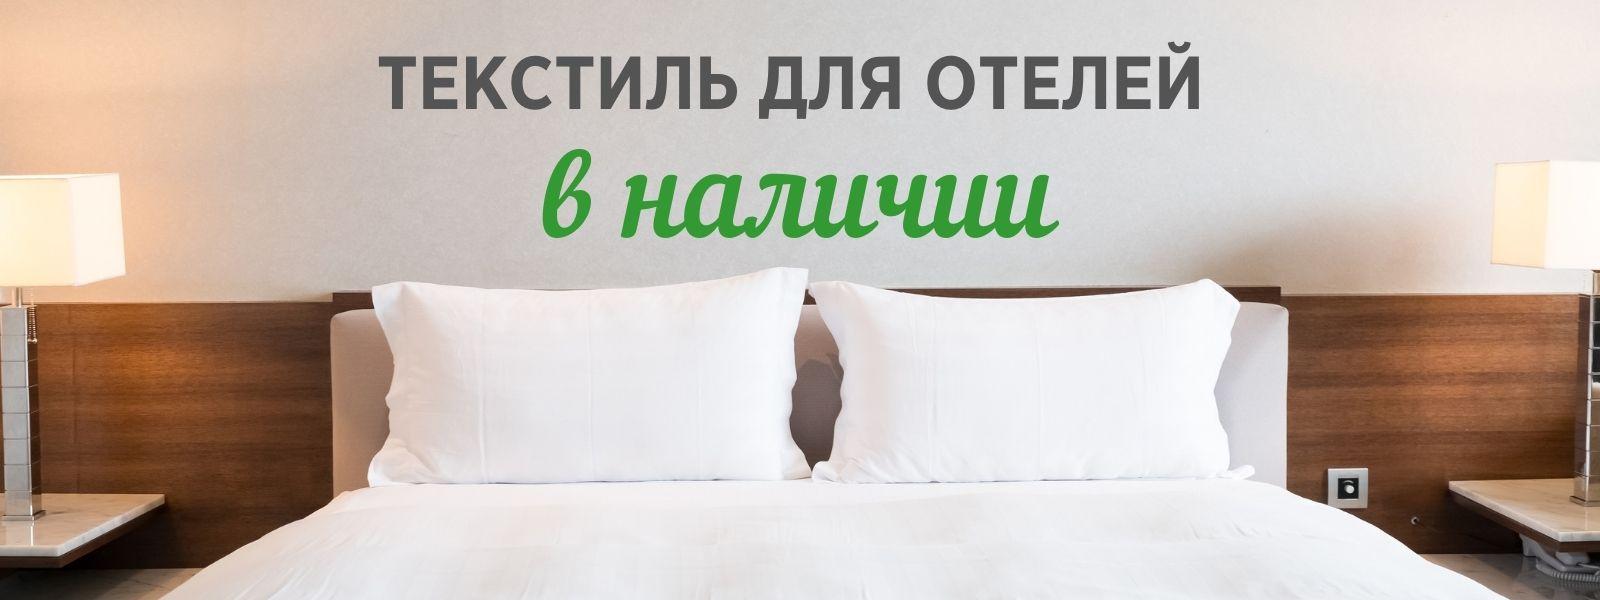 Постельное белье и полотенца для отелей - в наличии в Москве!